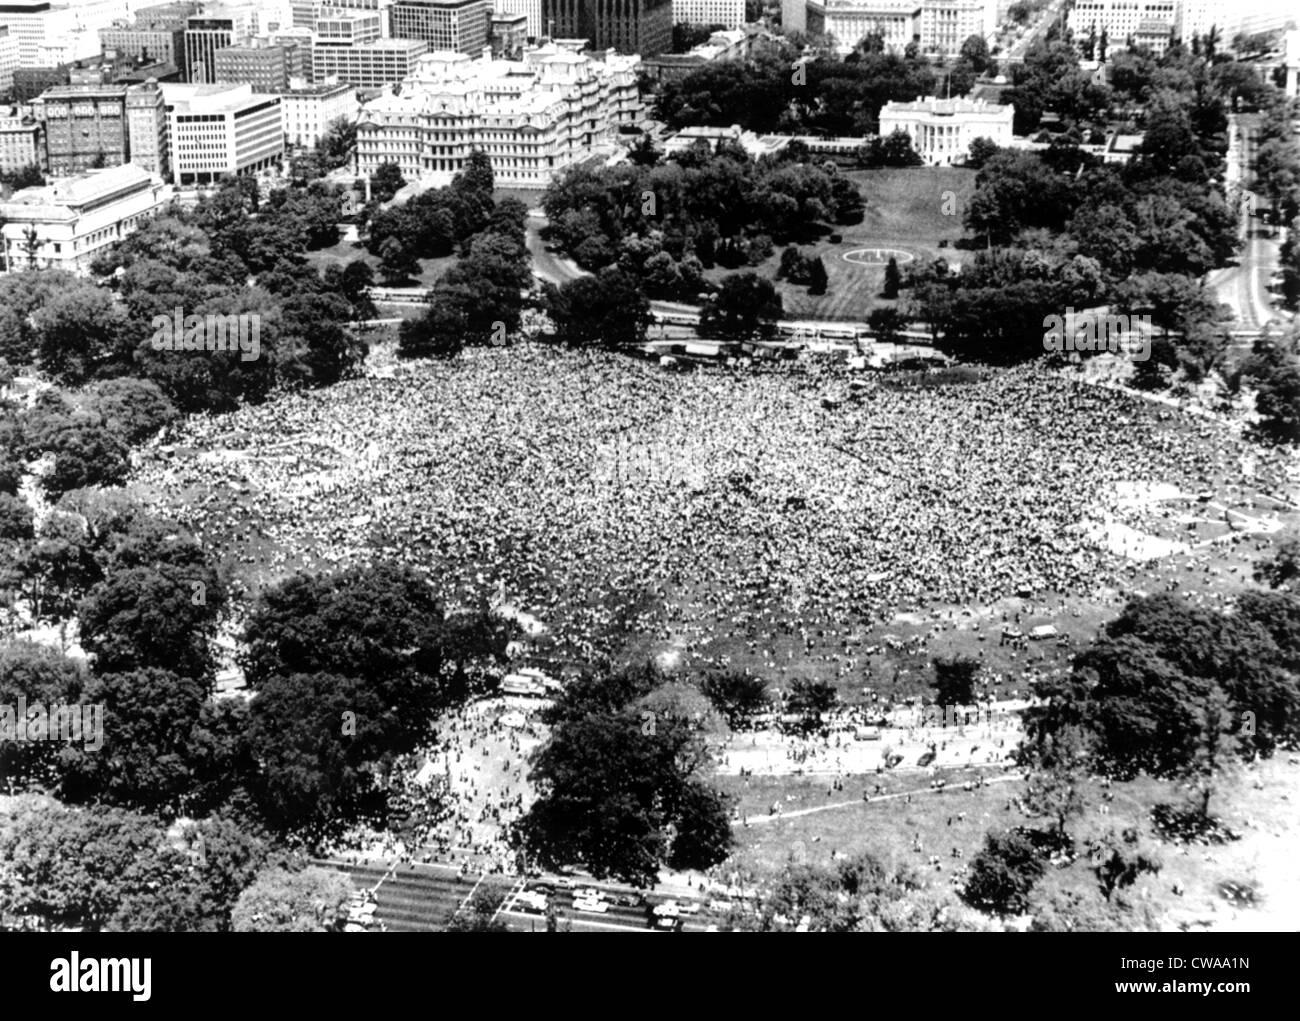 Guerre du Vietnam, la photo aérienne de 'guerre' Anti-Vietnam énorme démonstration, sur l'Ellipse Photo Stock